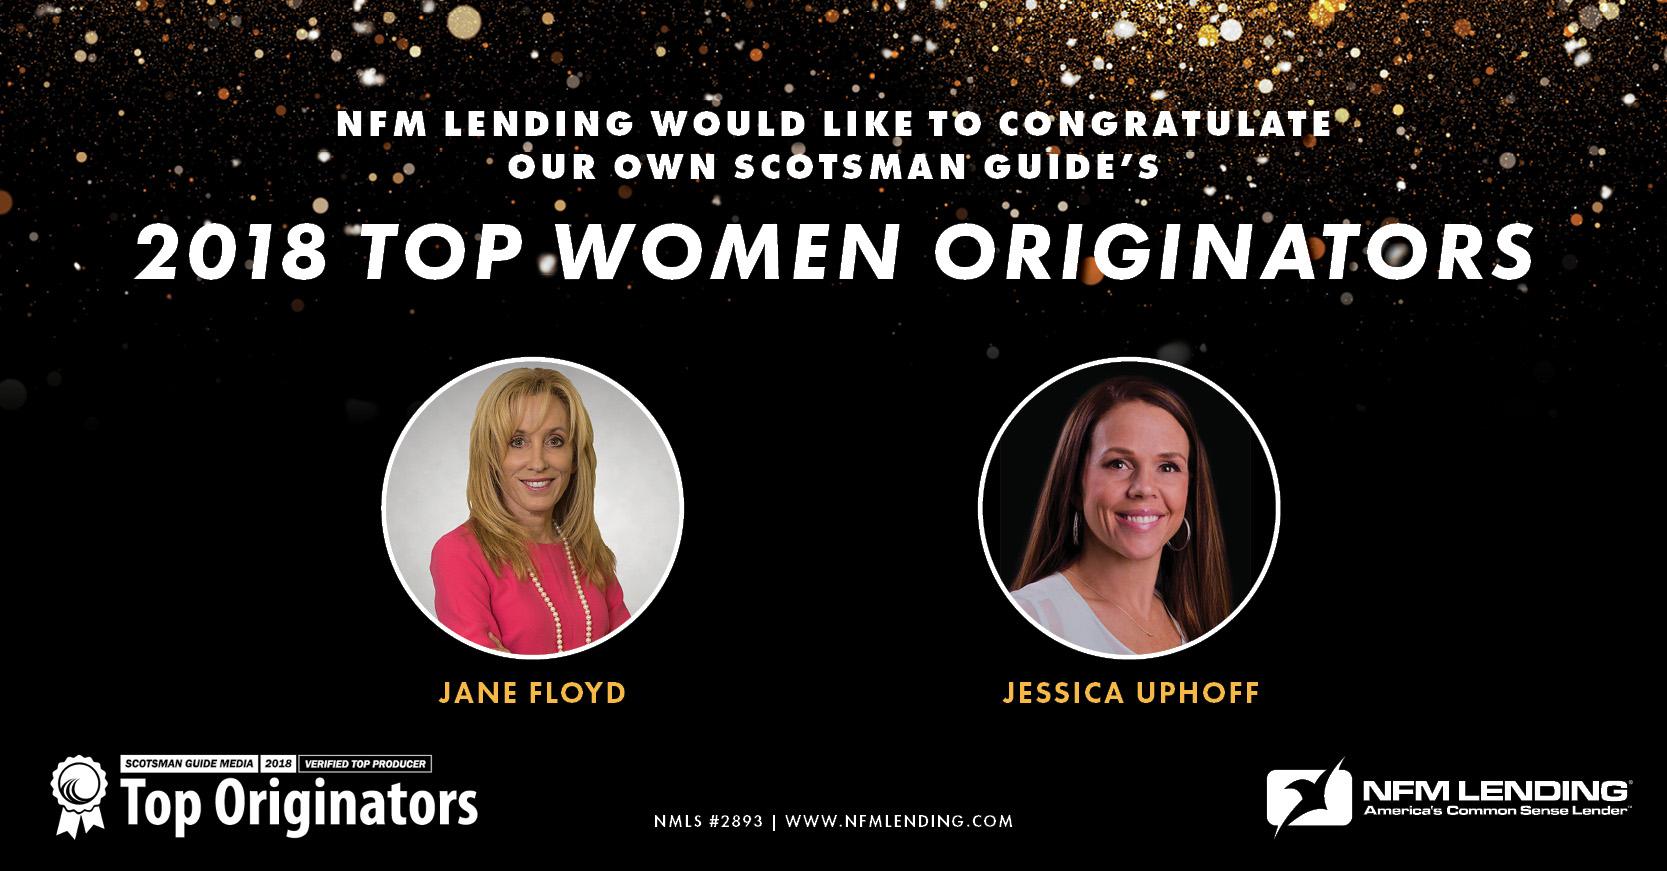 Top Women Originators